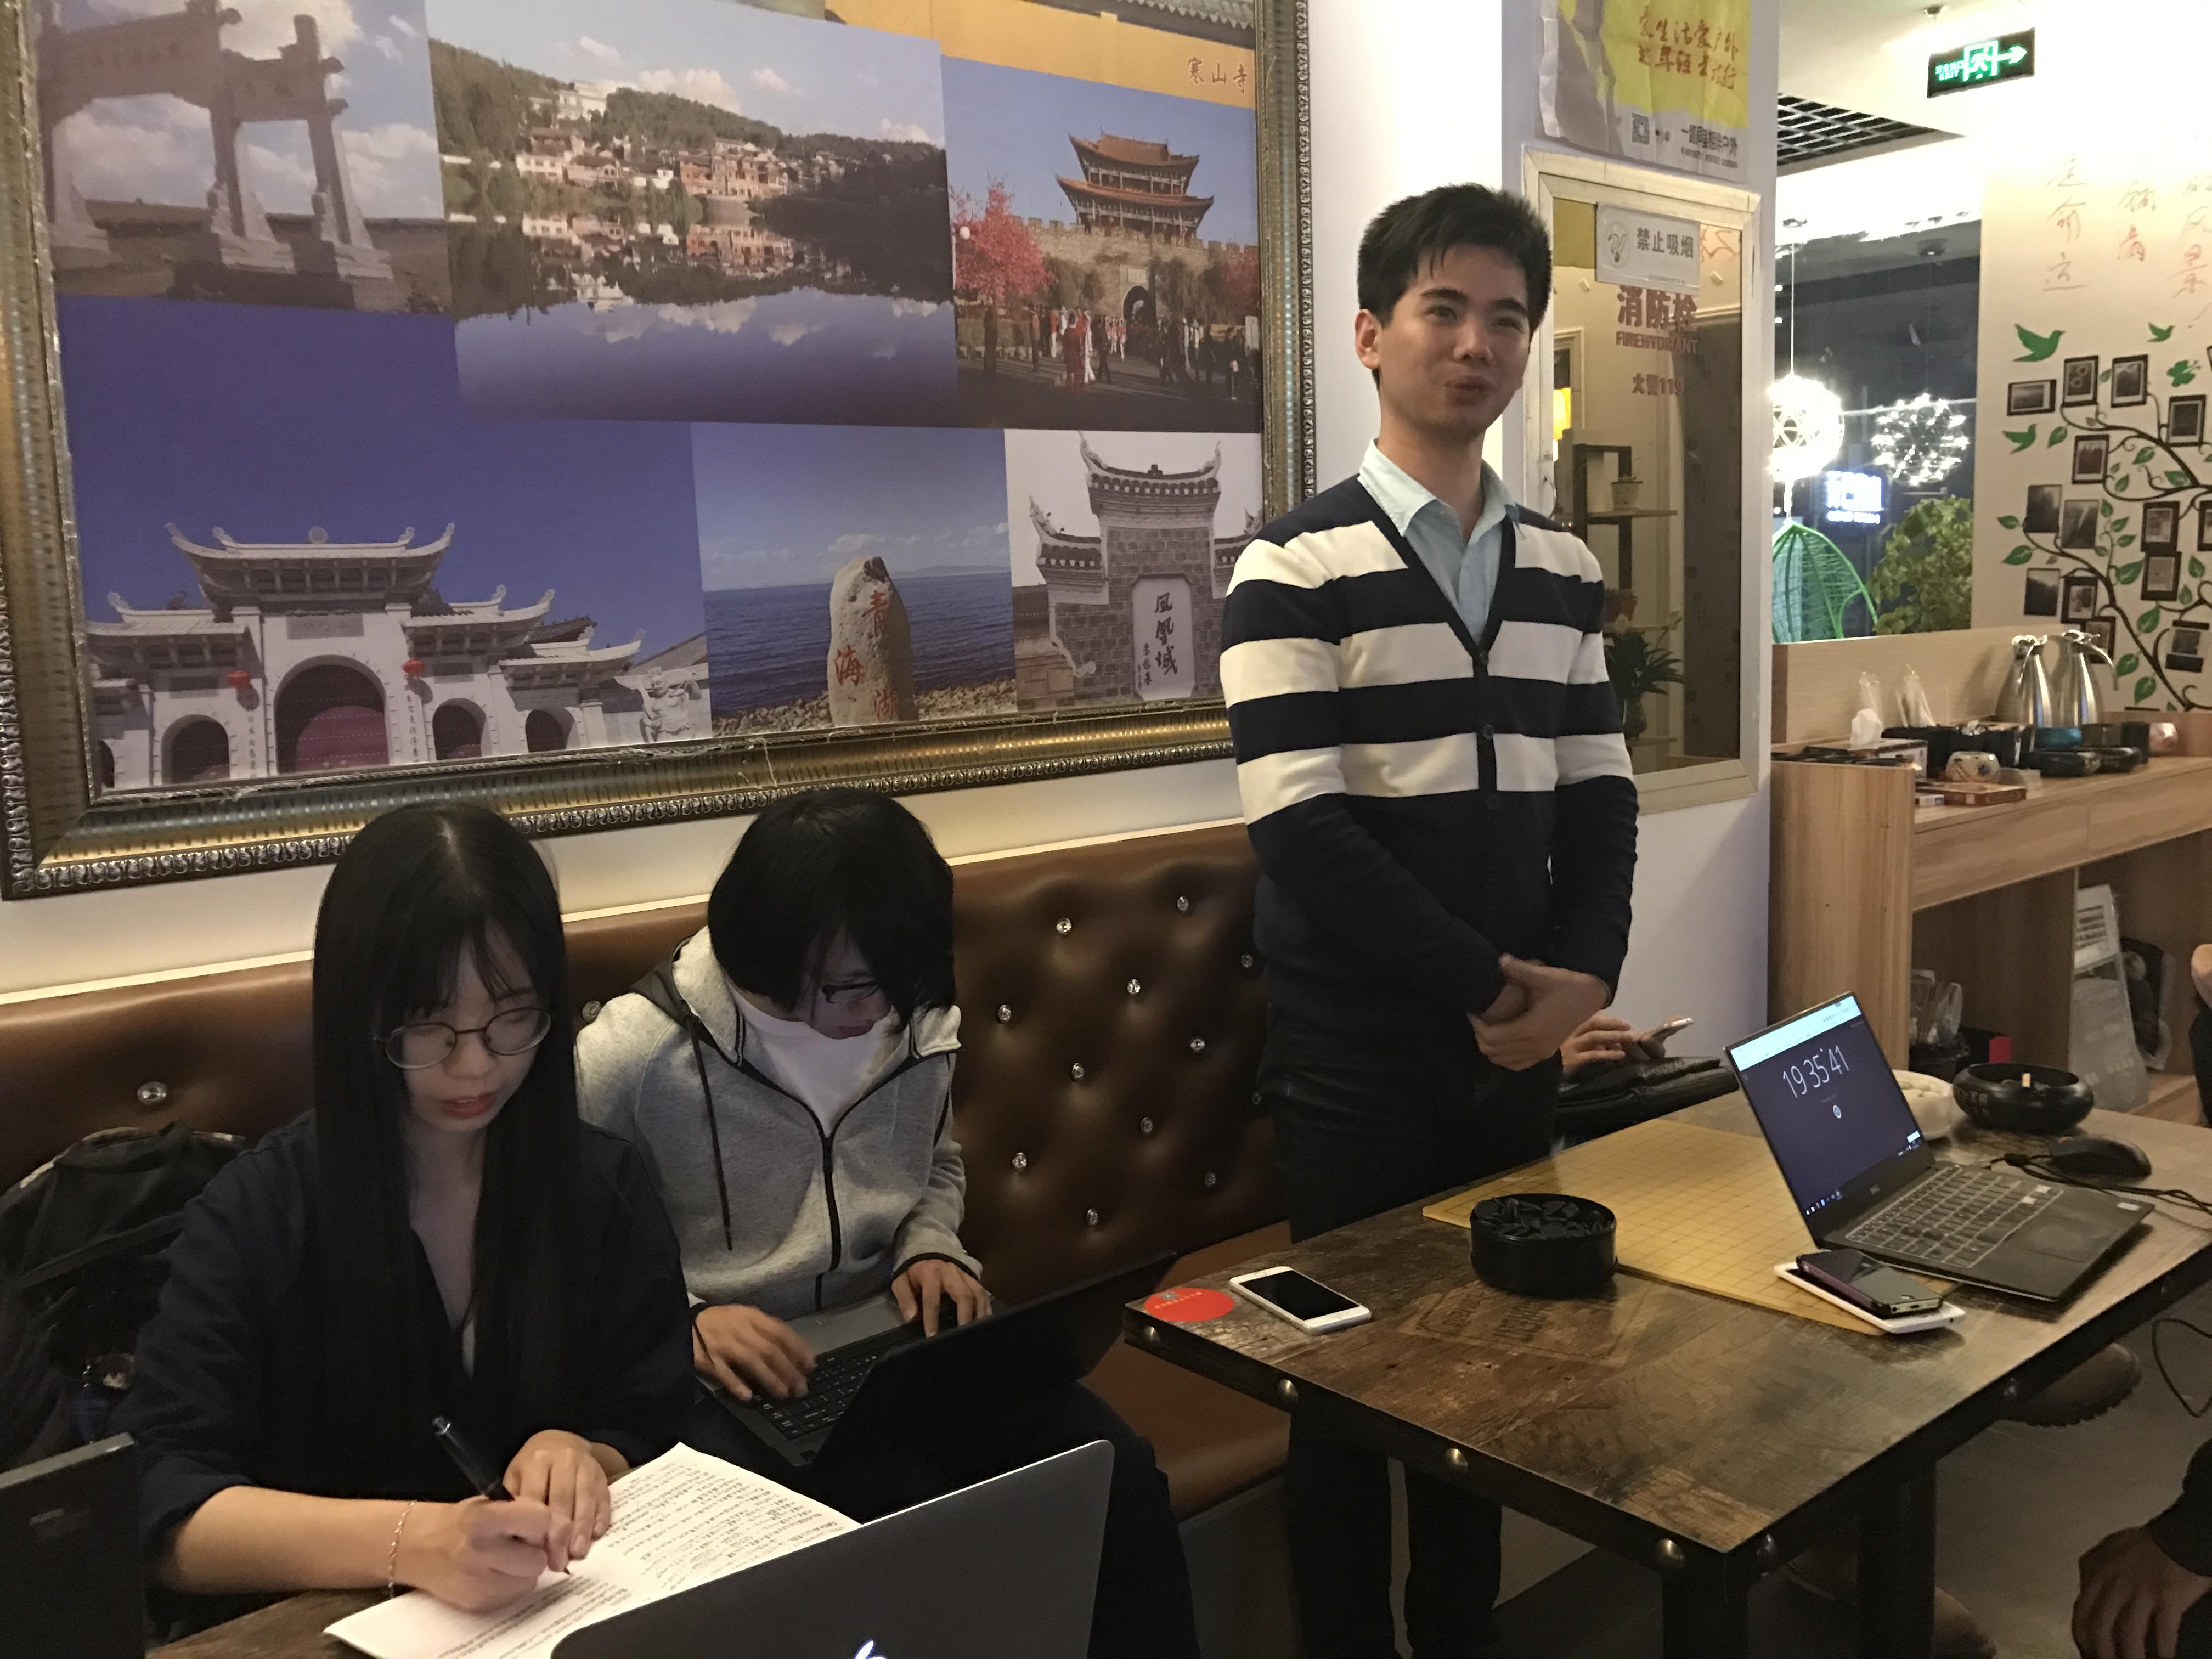 2017年04月12日武汉Linux用户组活动回顾